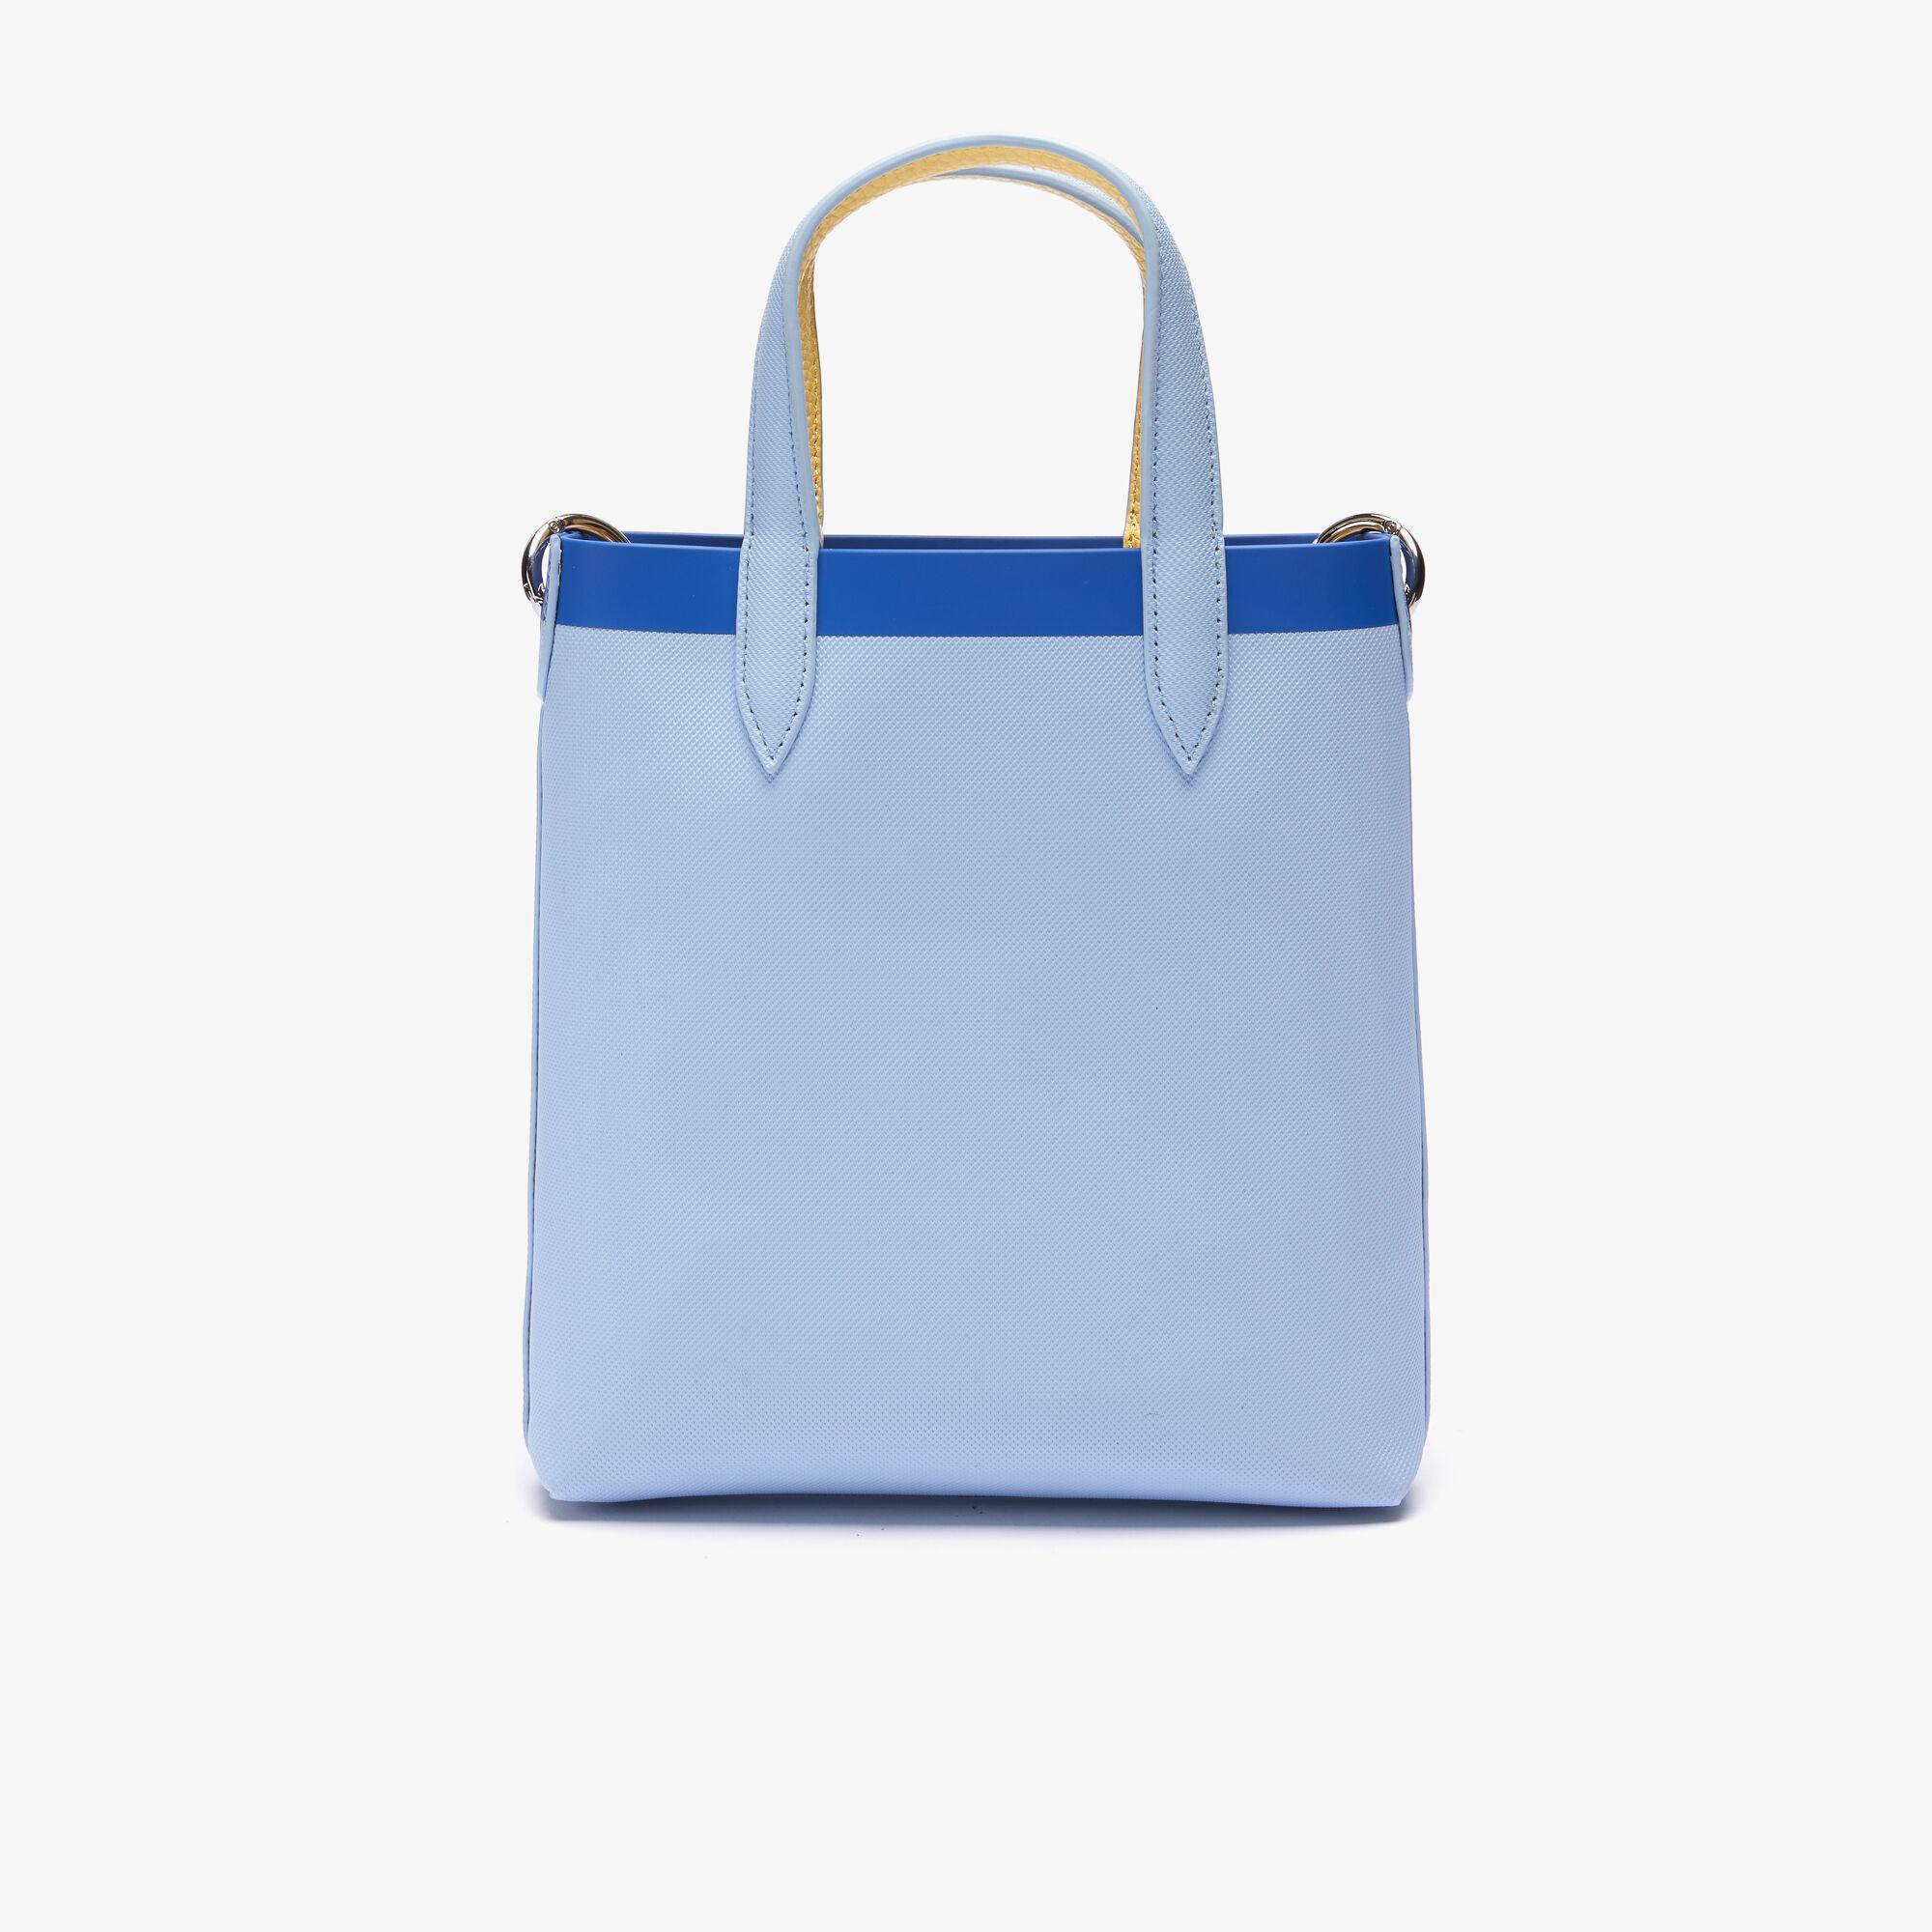 حقيبة توت صغيرة مع حزام كتف قابل للفصل من مجموعة Anna للنساء